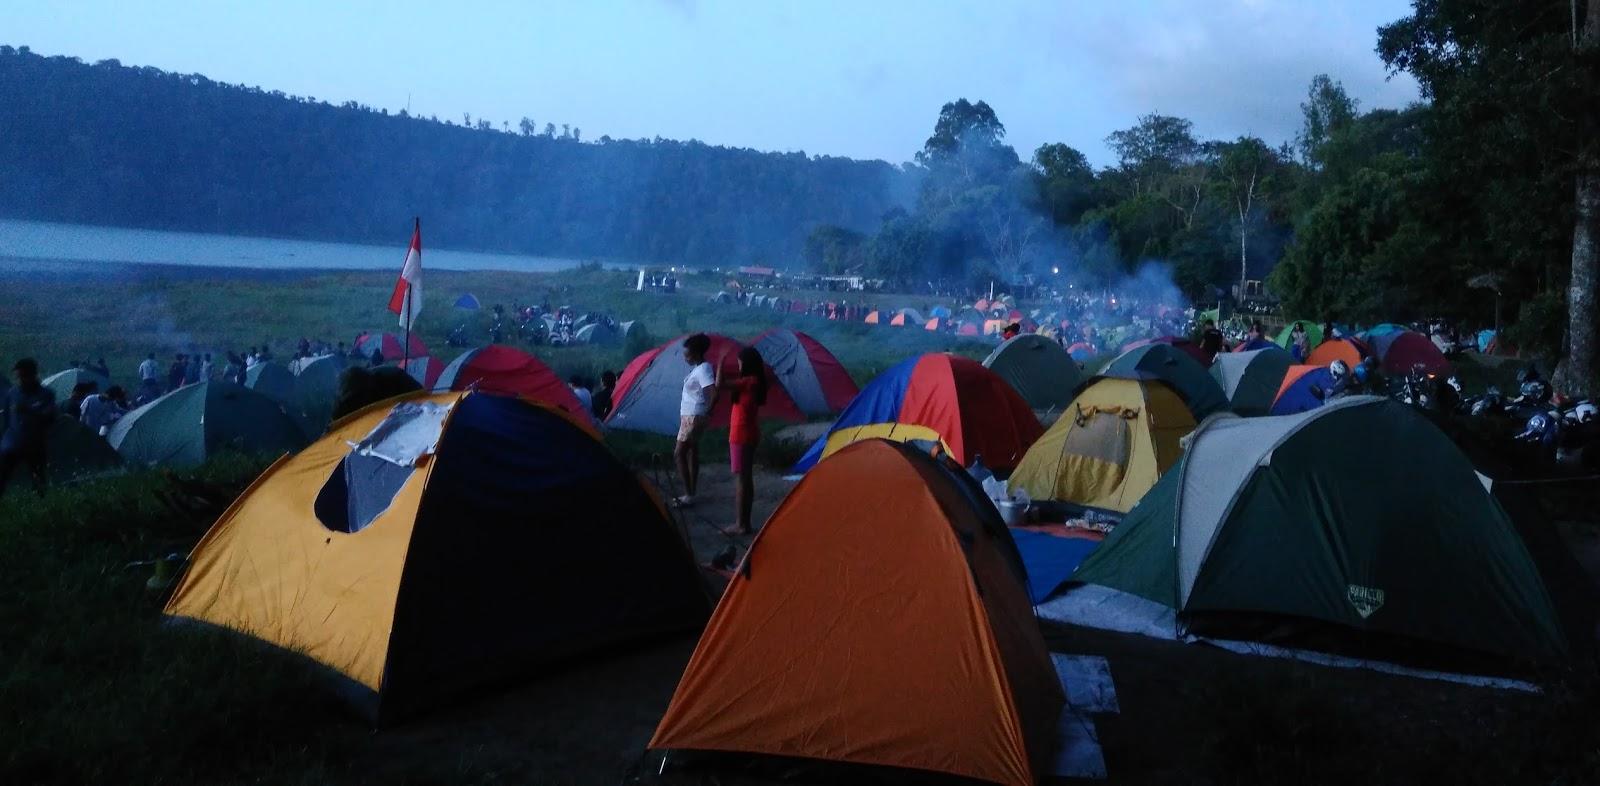 Sewa Peralatan Camping Dan Tenda Kemah Serta Jual Perlengkapan Kompor Mini Windprof Kovar Suasana Di Danau Buyan